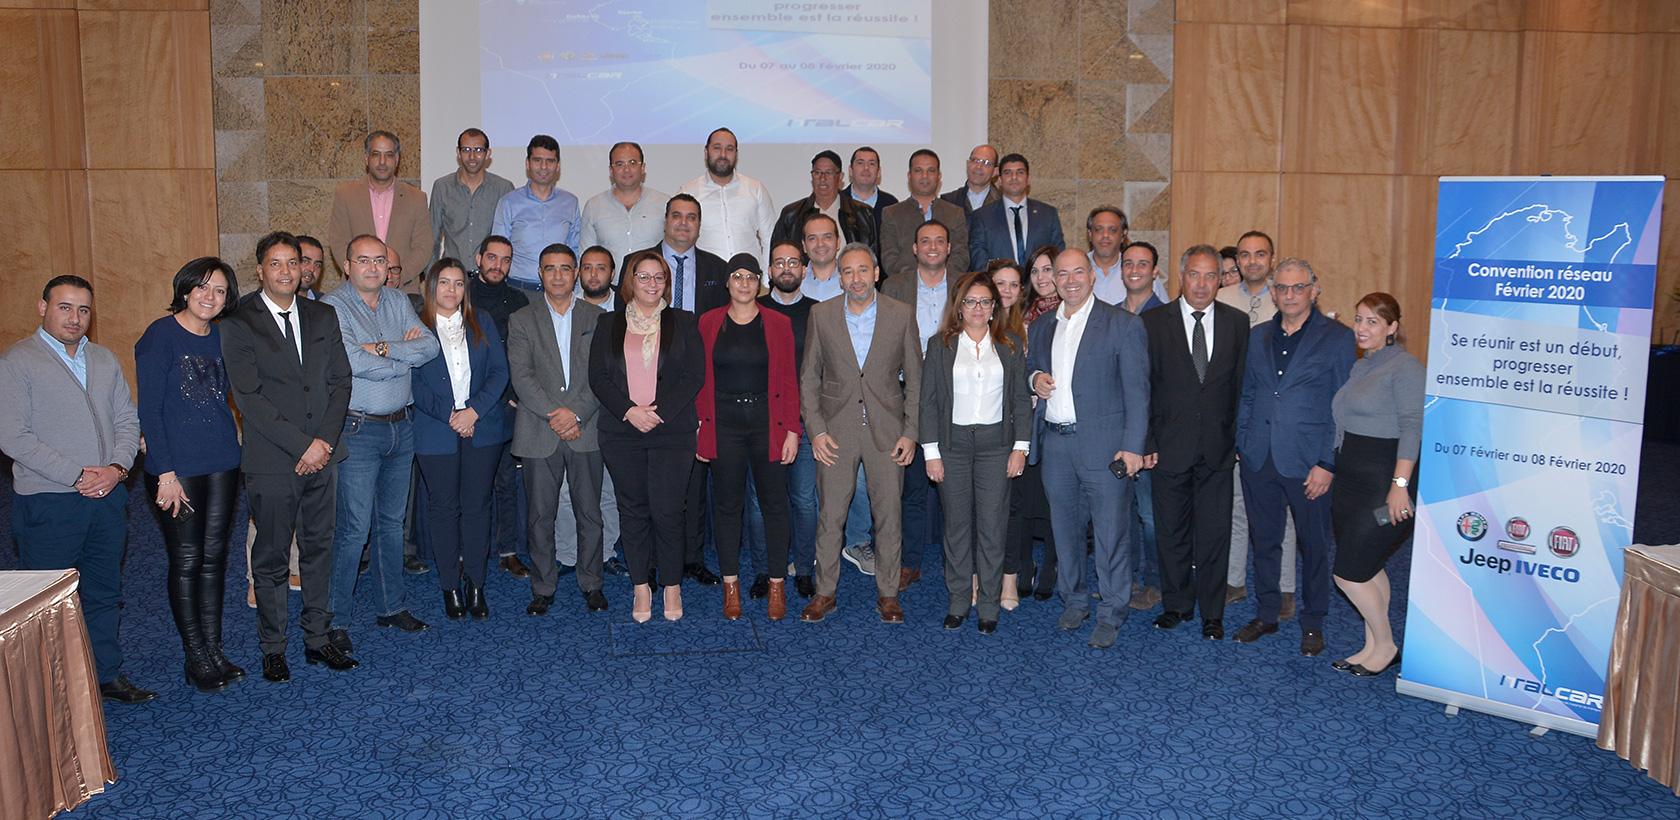 Convention réseau ITALCAR 2020